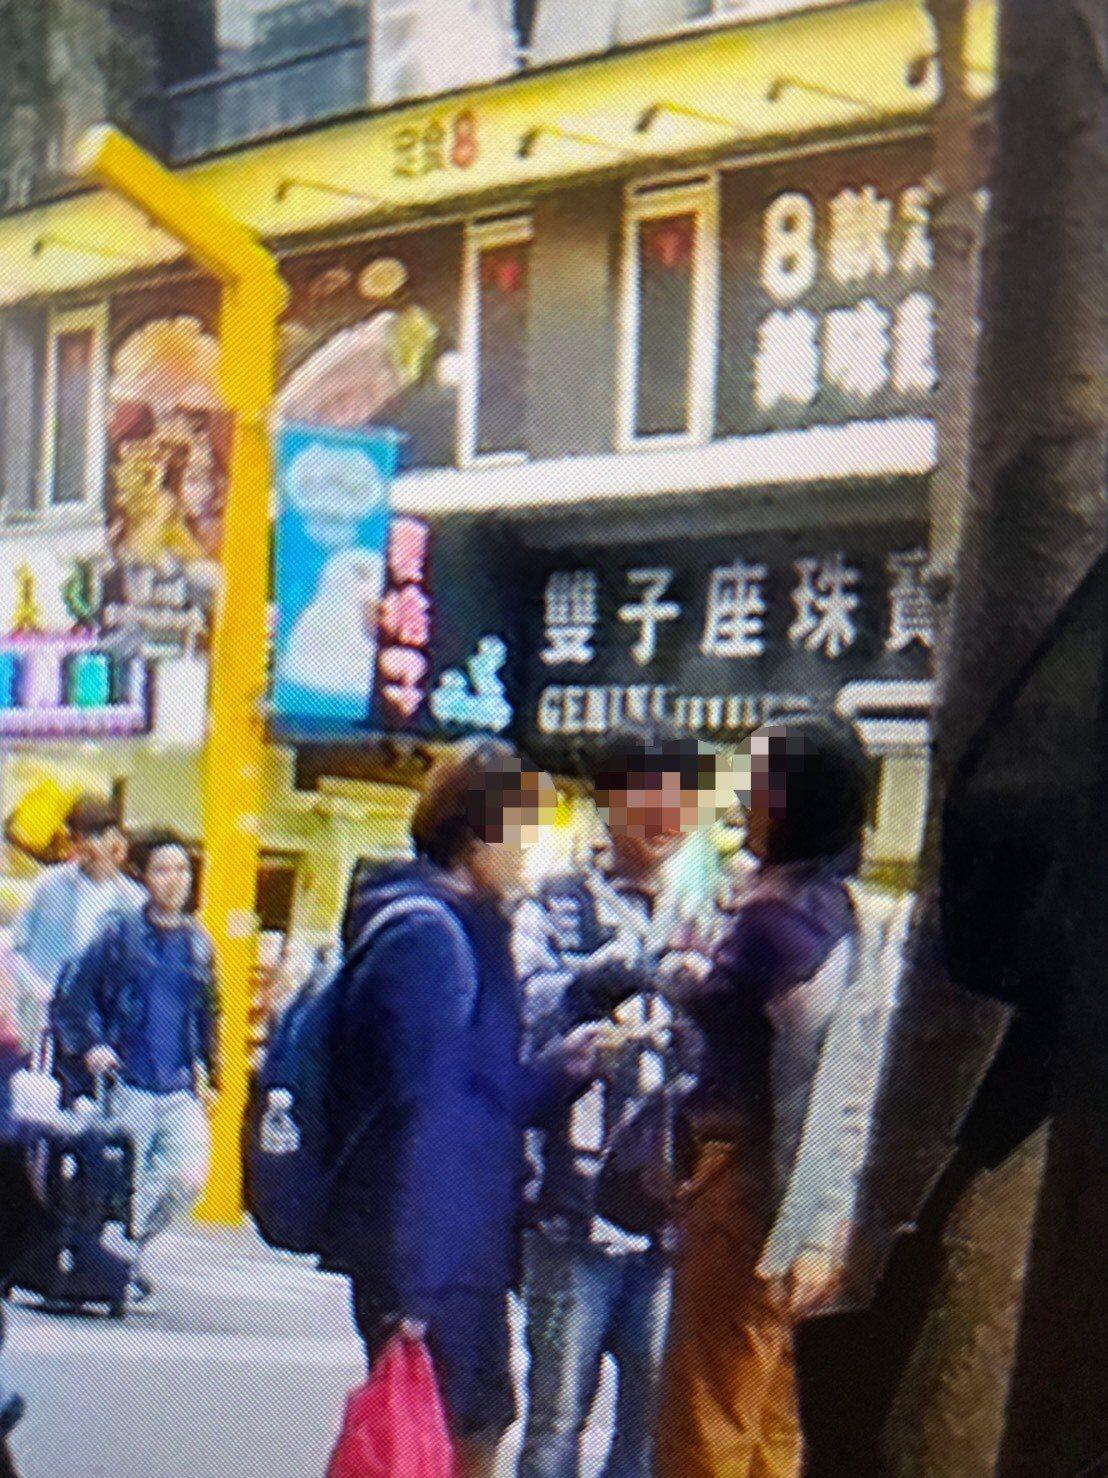 21歲的陳男昨天下午在西門町商圈中隨機找路人兜售商品。記者李隆揆/翻攝